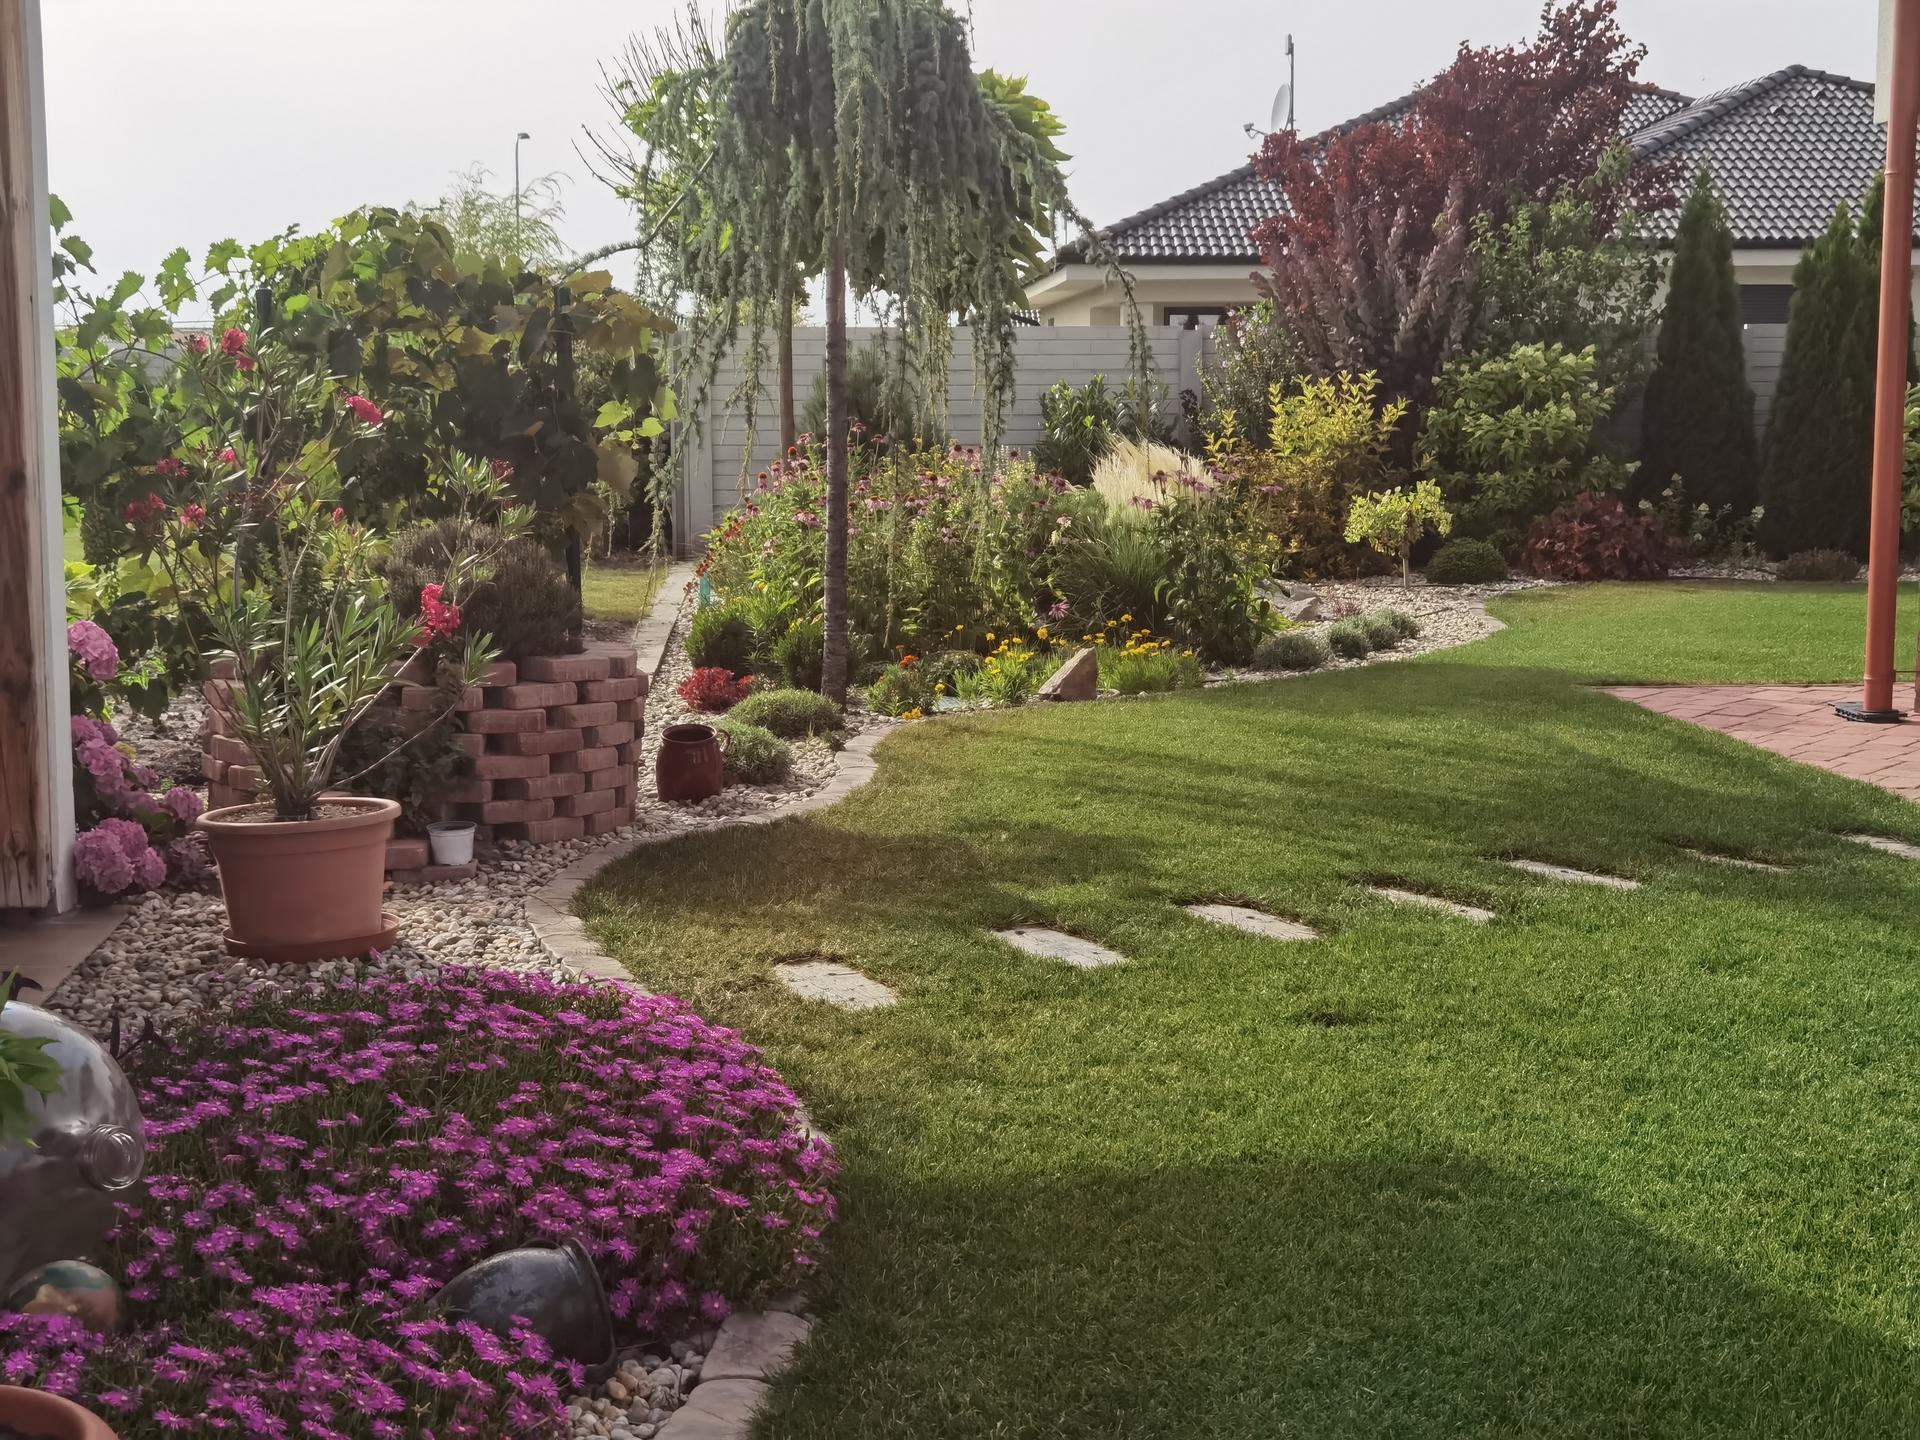 Záhrada 2021 - Obrázok č. 41